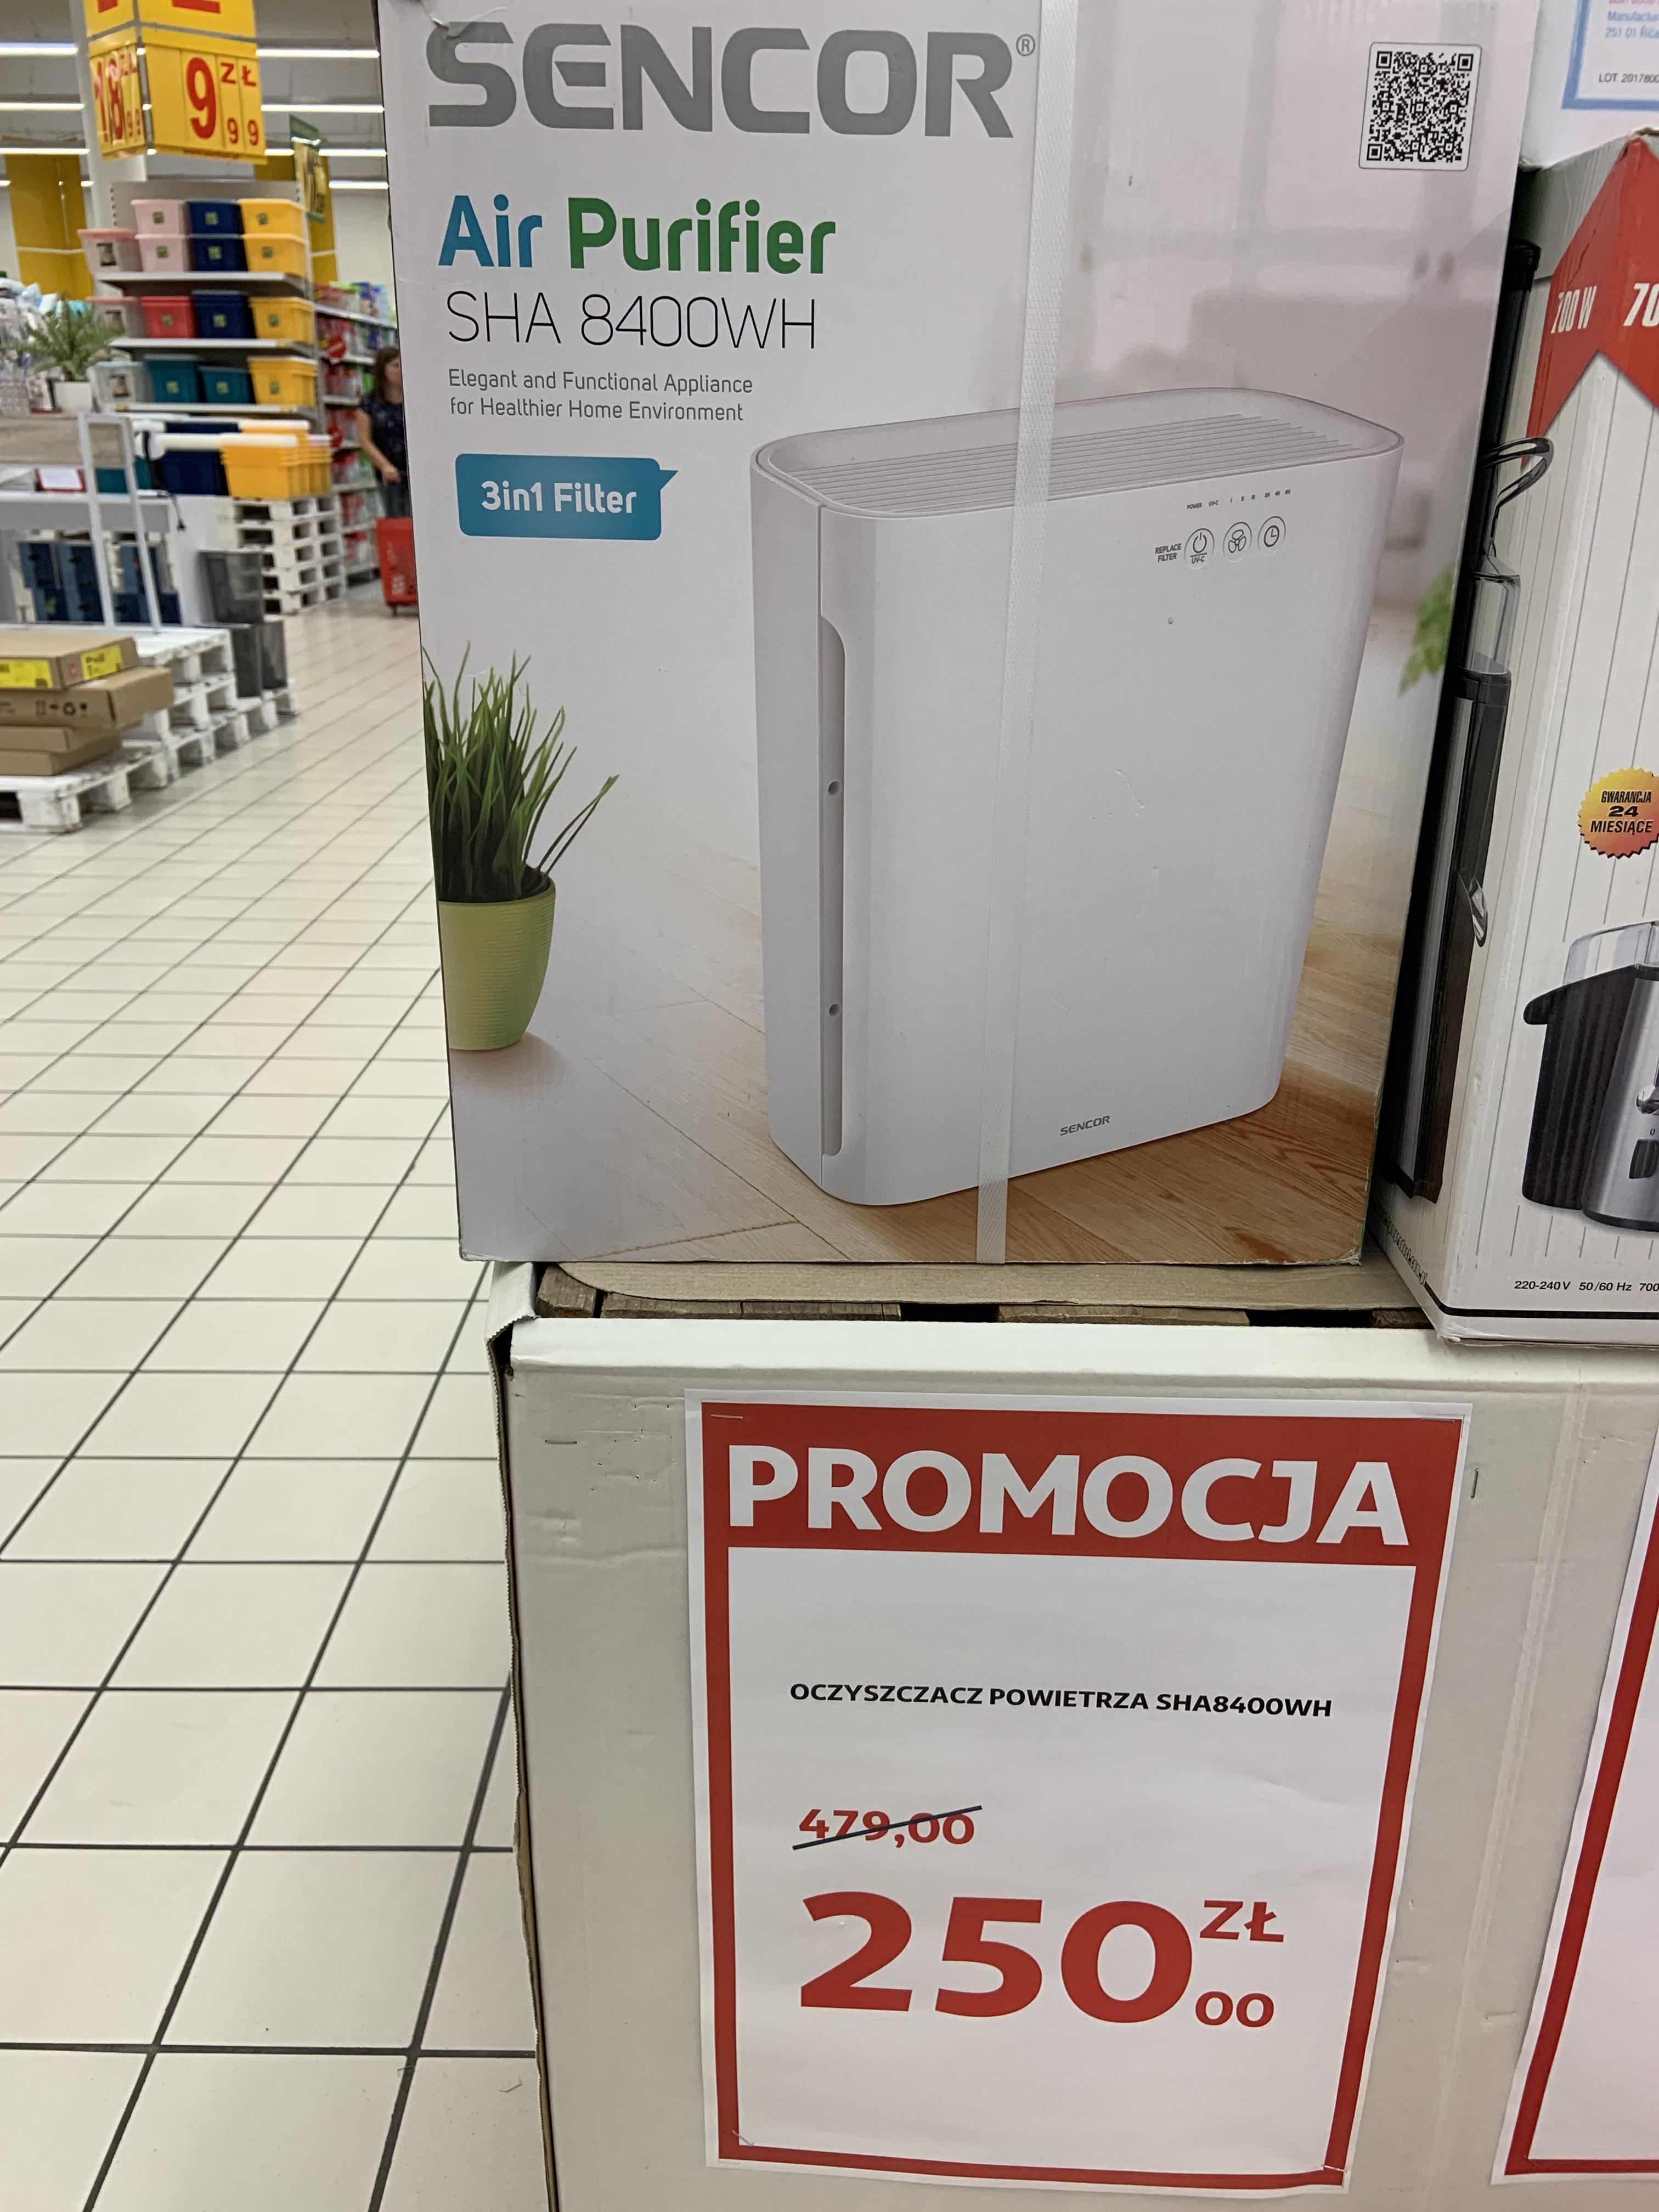 Oczyszczacz powietrza Sencor Air Purifier SHA 8400WH - Auchan, Pasaż Łódzki